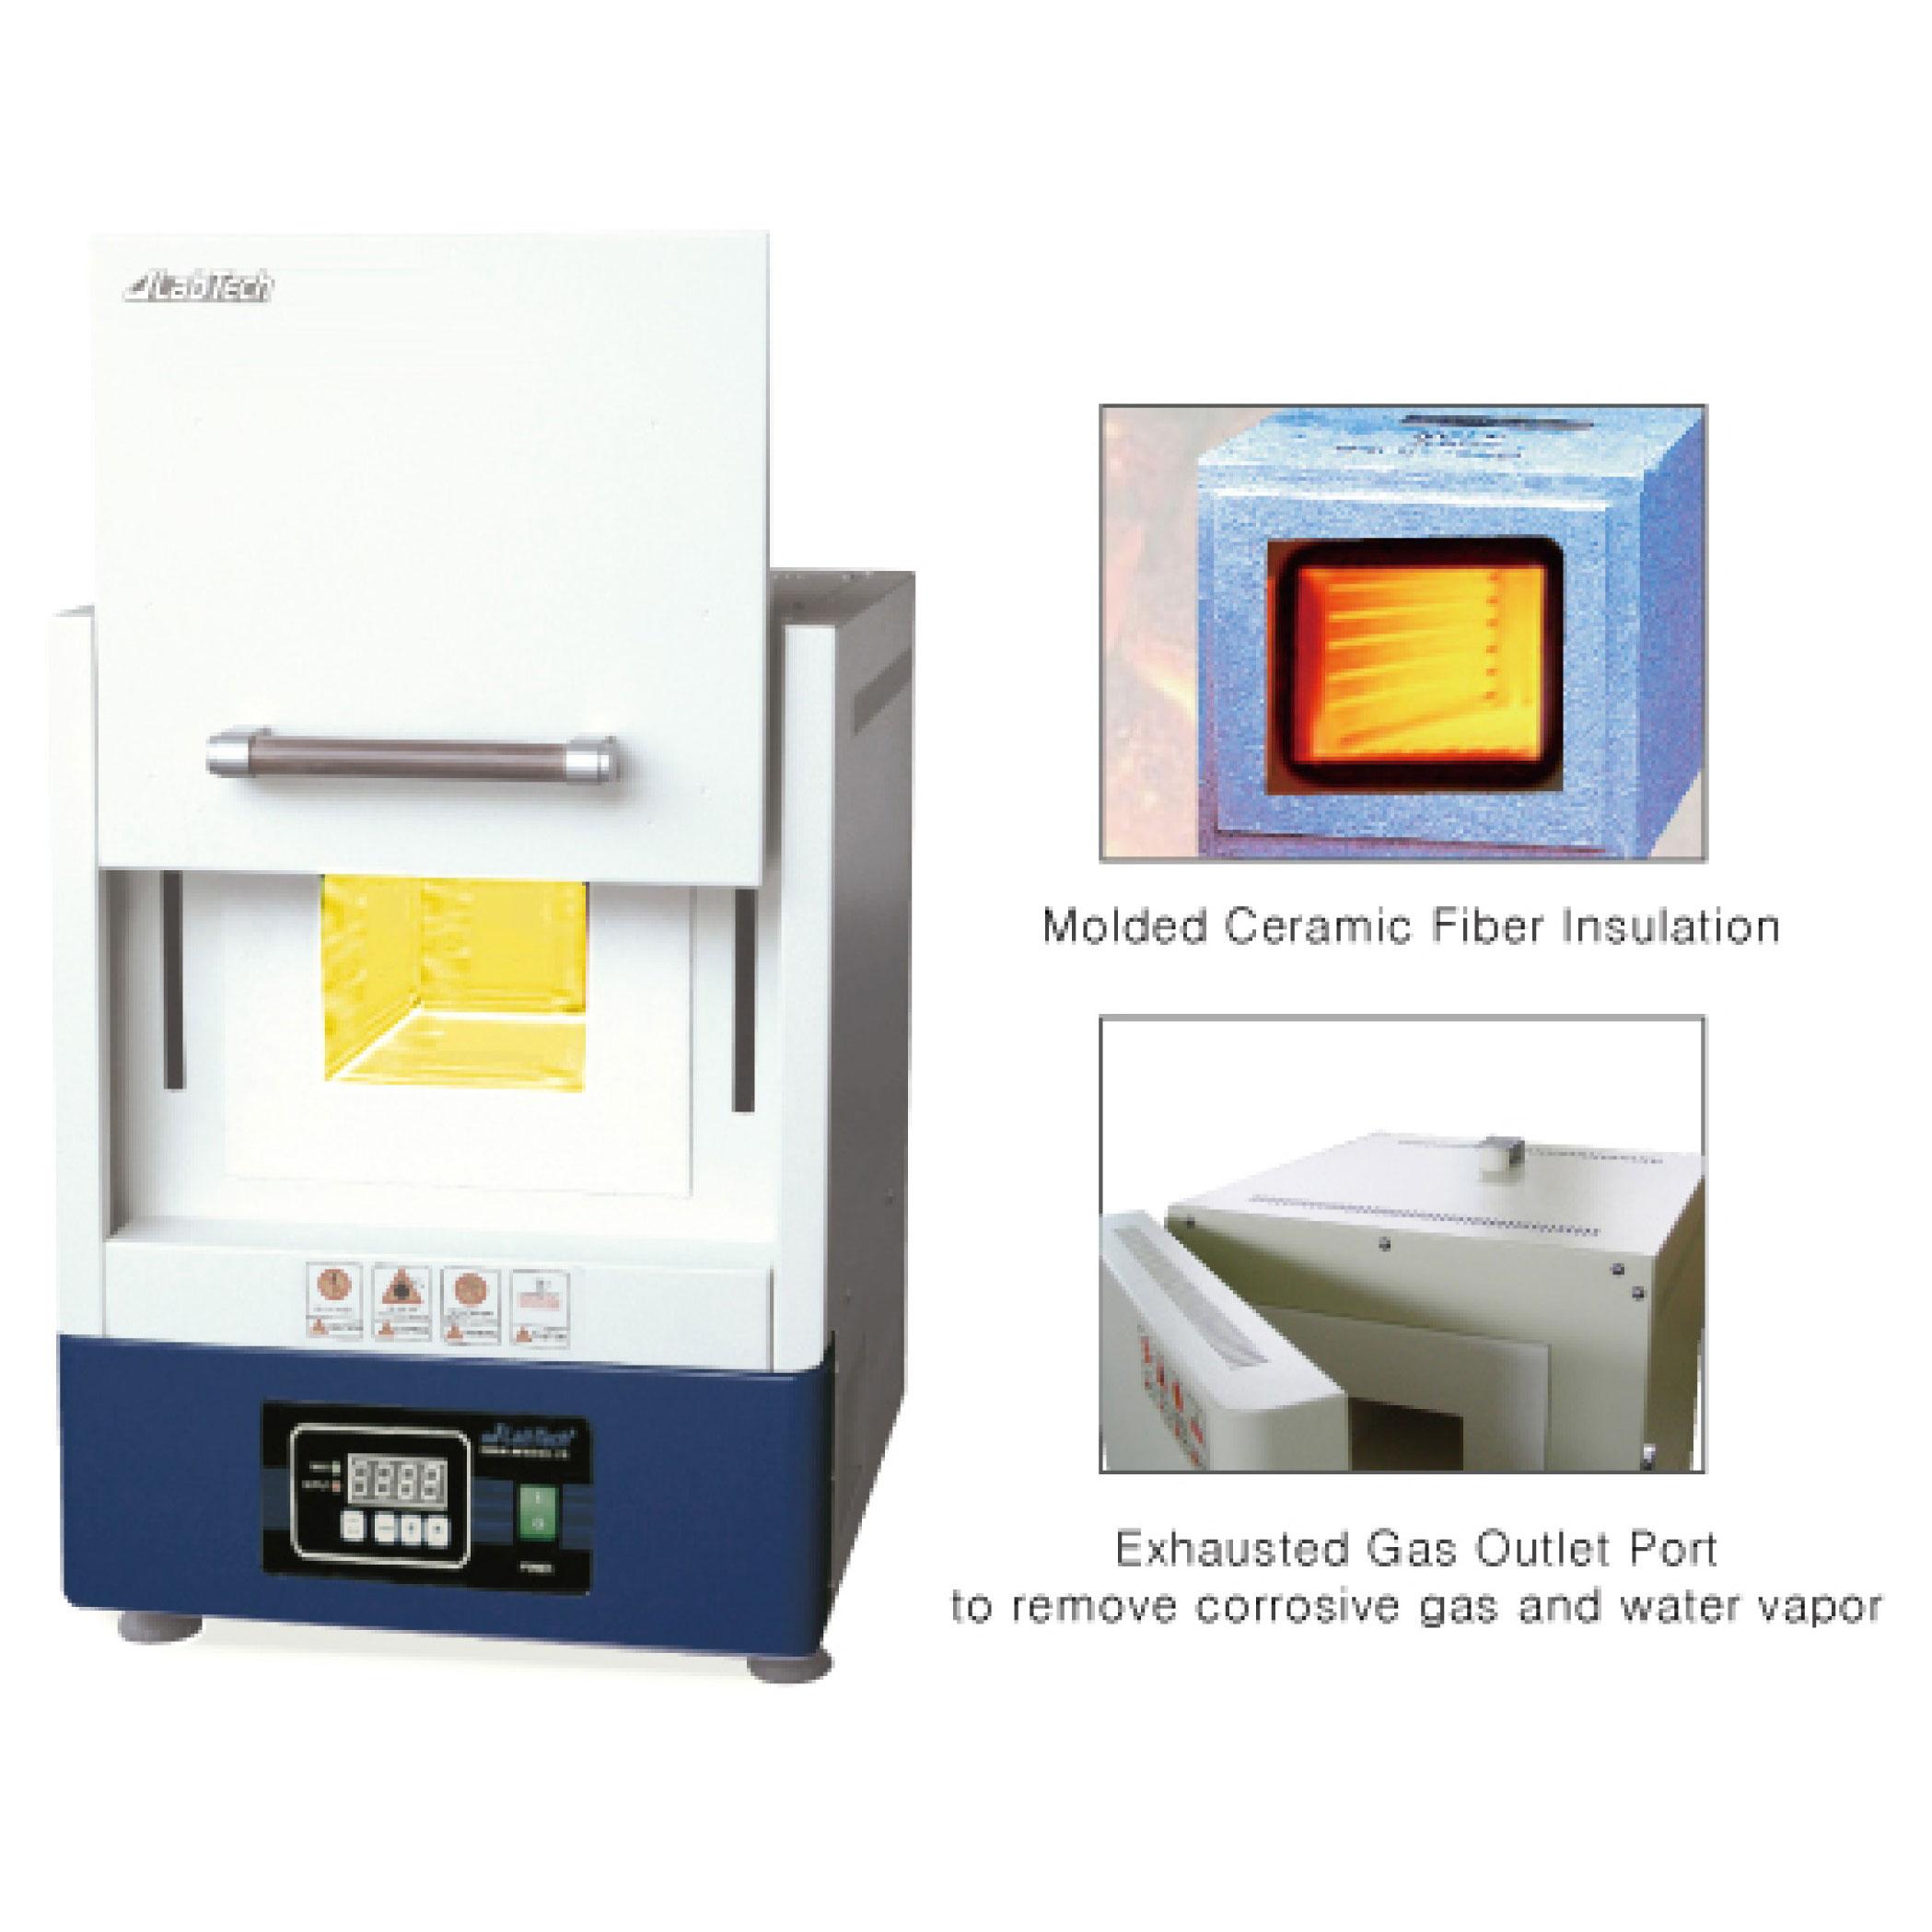 کوره آزمایشگاهی (1100 تا 1700 درجه)